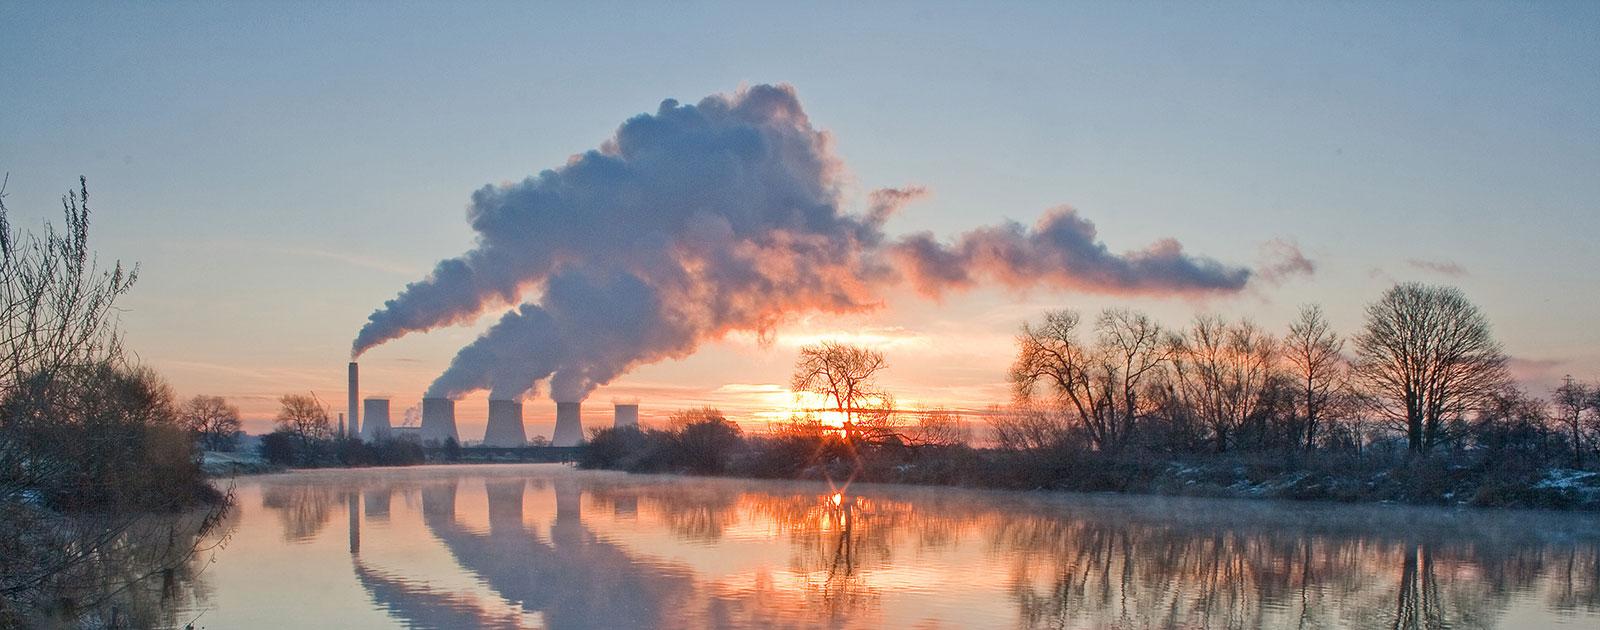 Инвентаризация выбросов загрязняющих веществ